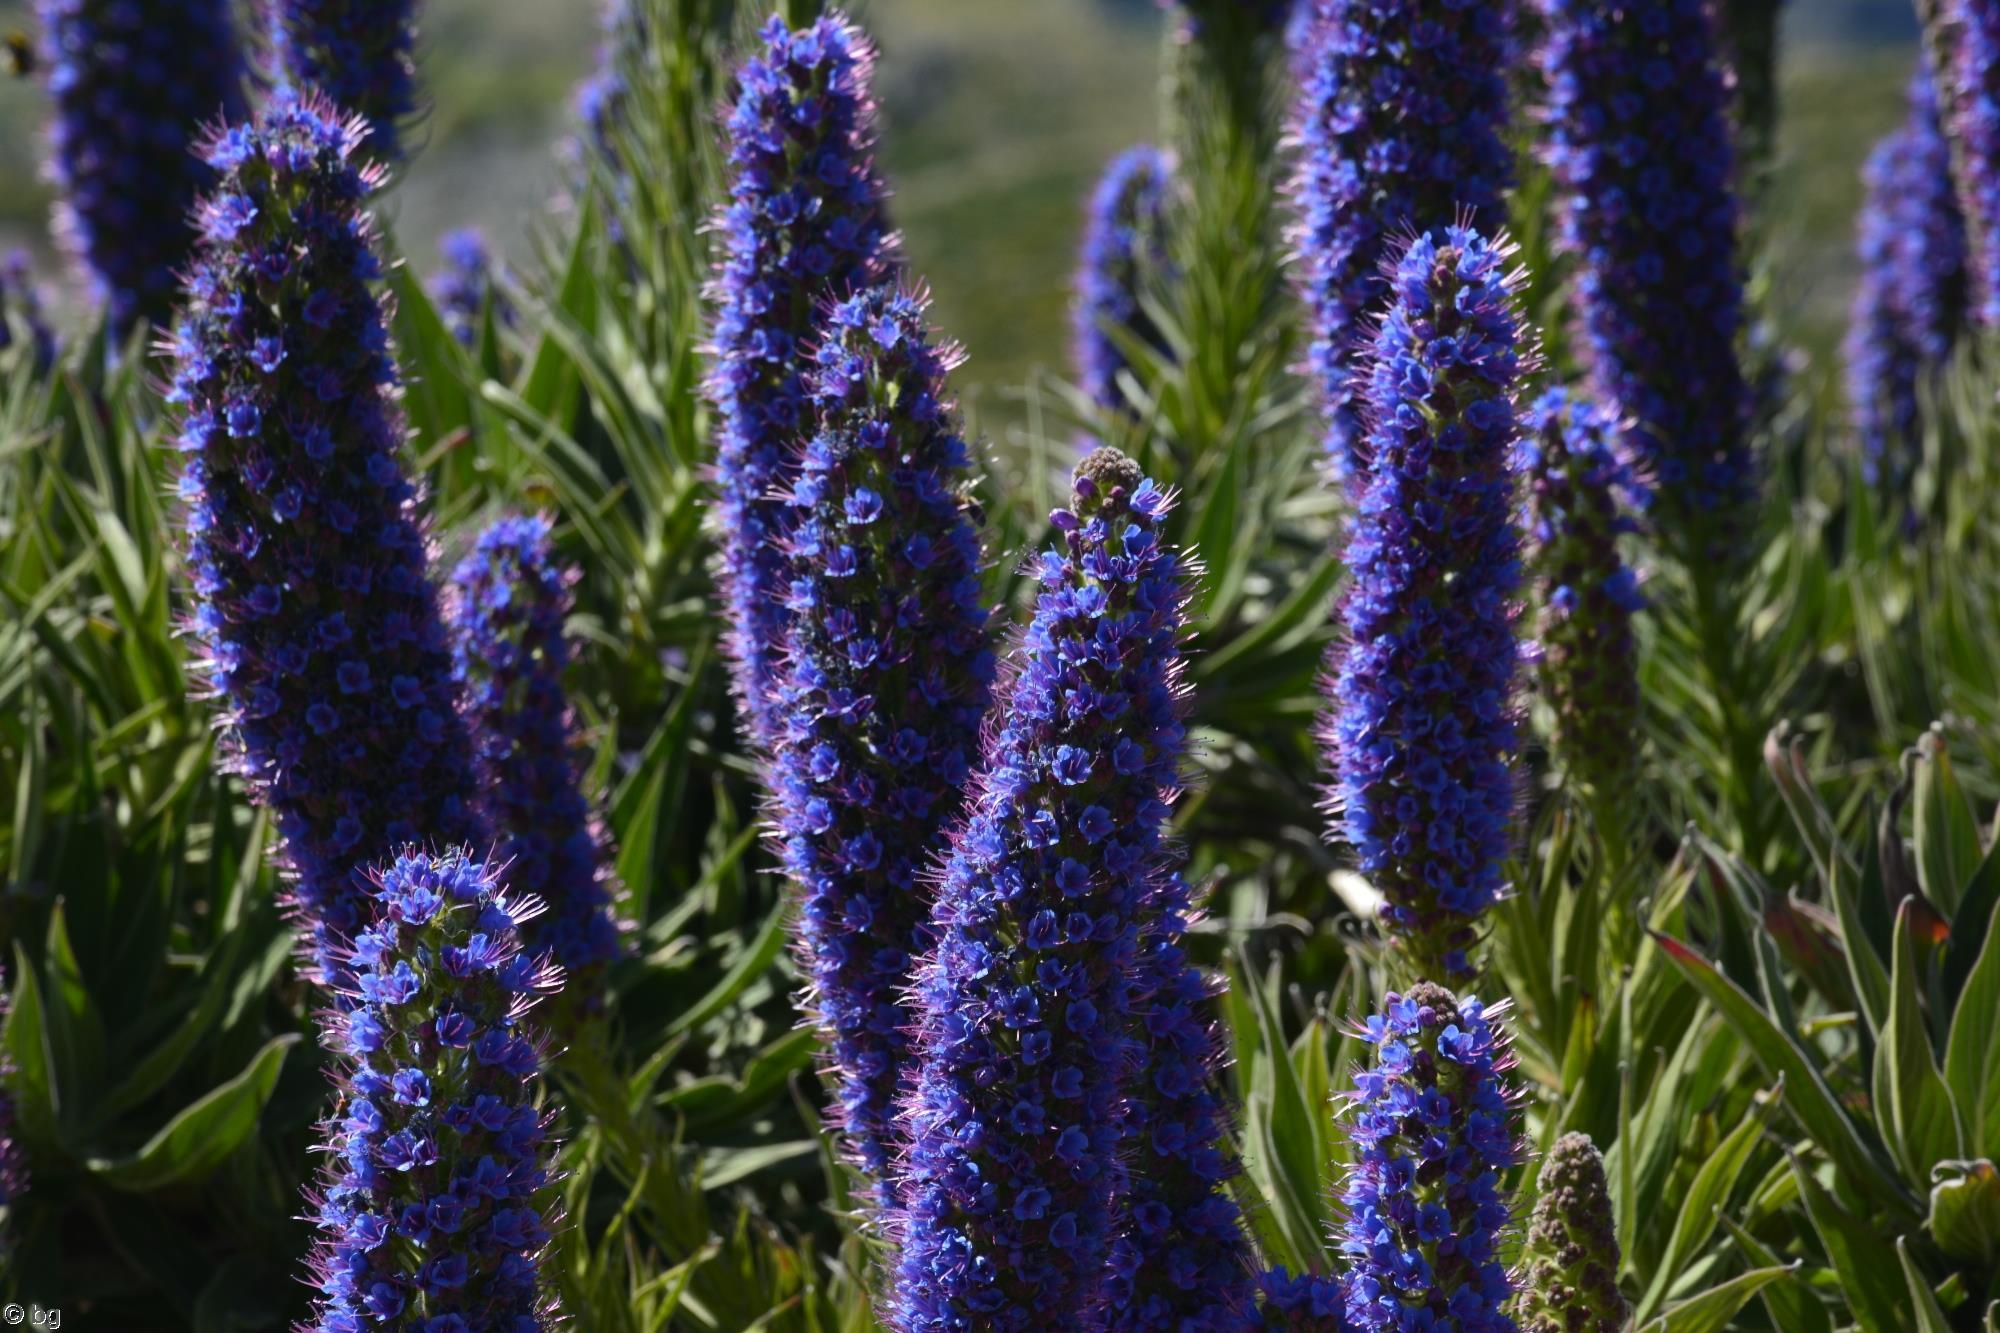 viperine-de-madere-fleurs-exotiques-fonds-ecran-hd_20